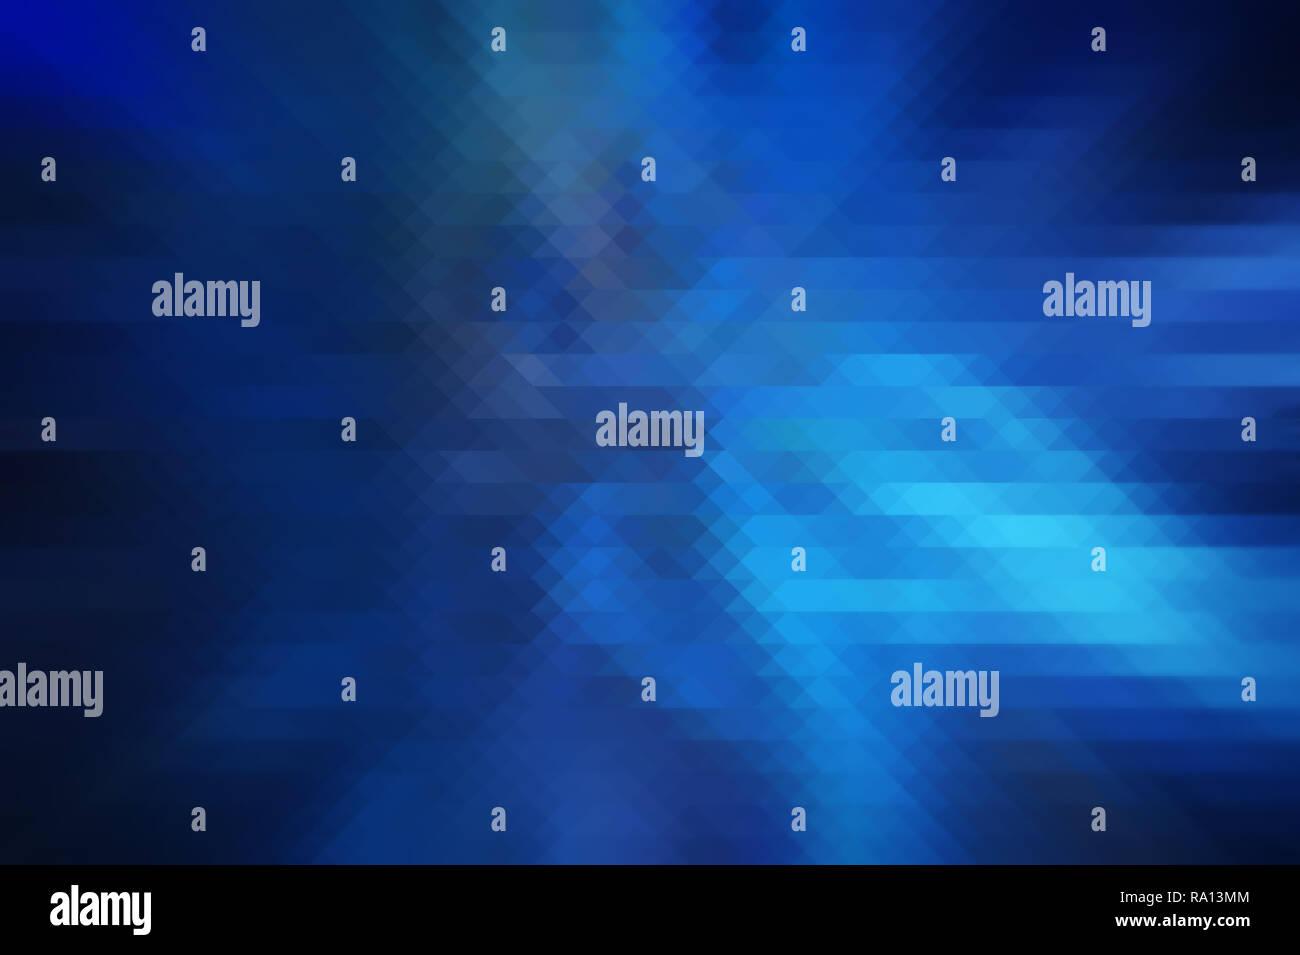 Haute résolution en couleur bleu foncé et turquoise abstract et triangulaire (forme de losange rhombus) Contexte. Geometric background, bords flous. Banque D'Images